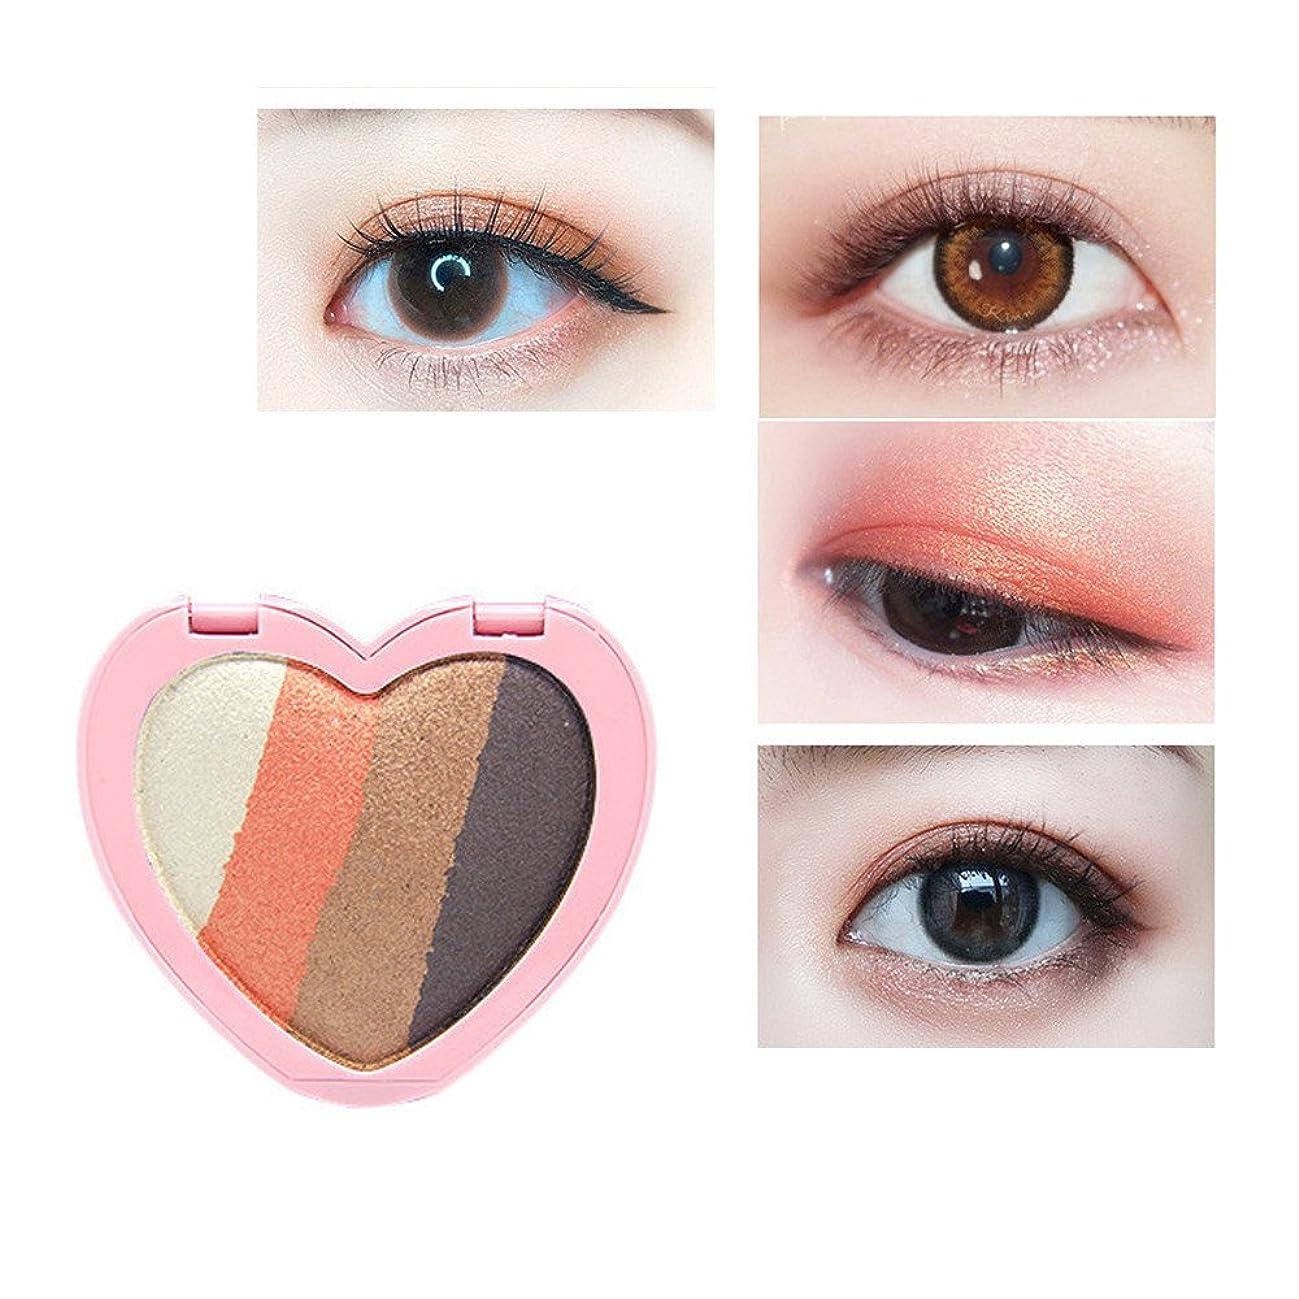 葉を集めるクール晴れAkane アイシャドウパレット HOJO ファッション 超可愛い 心形 綺麗 素敵 美しい 防水 魅力的 高級 優雅な キラキラ 持ち便利 日常 Eye Shadow (4色) 8009